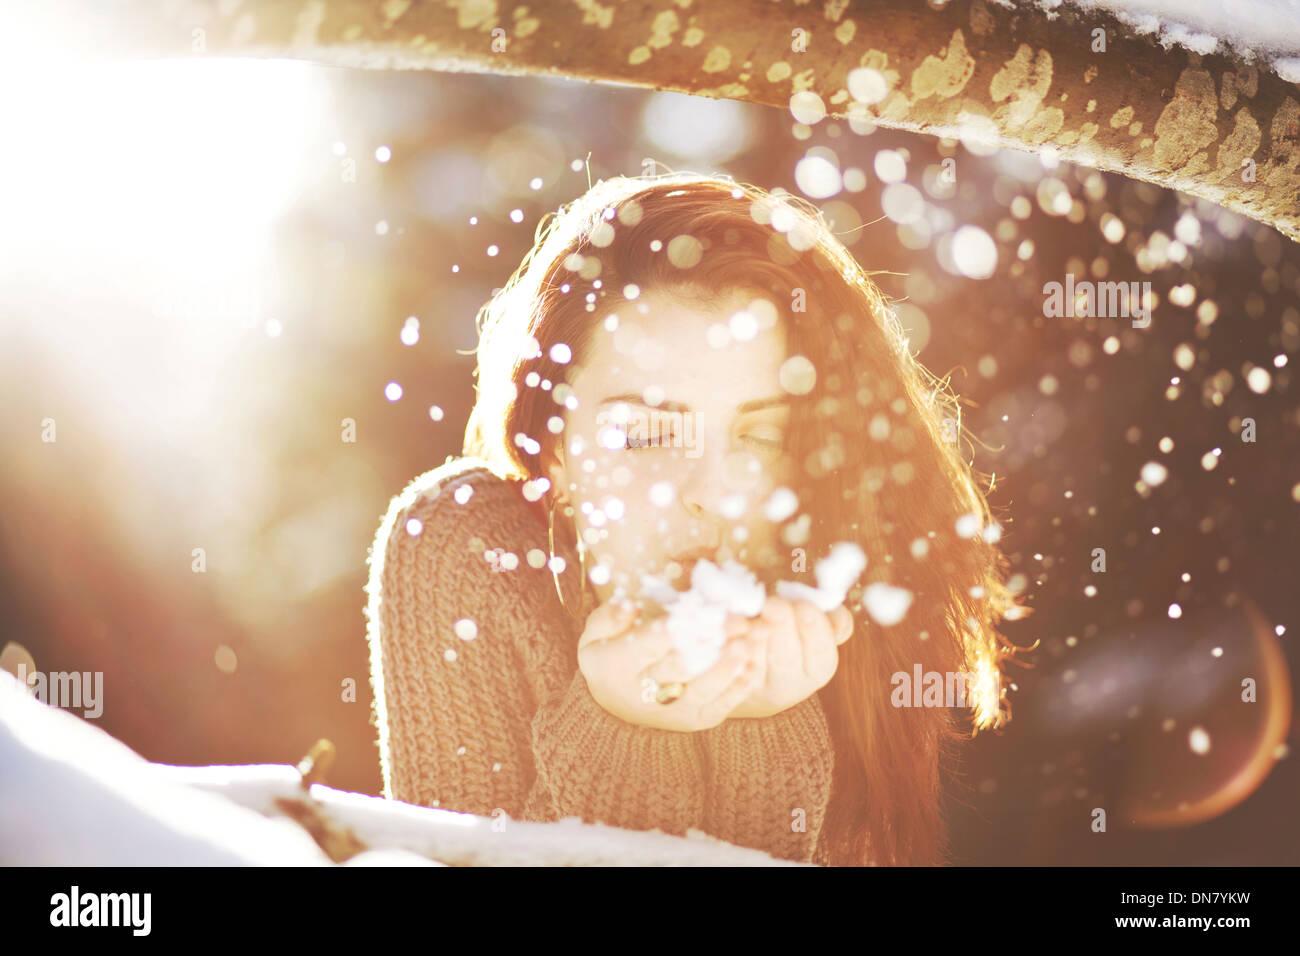 Porträt einer jungen Frau im Schnee bei Gegenlicht Einschränkungen: dieses Bild hat zusätzliche Einschränkungen. Stockbild